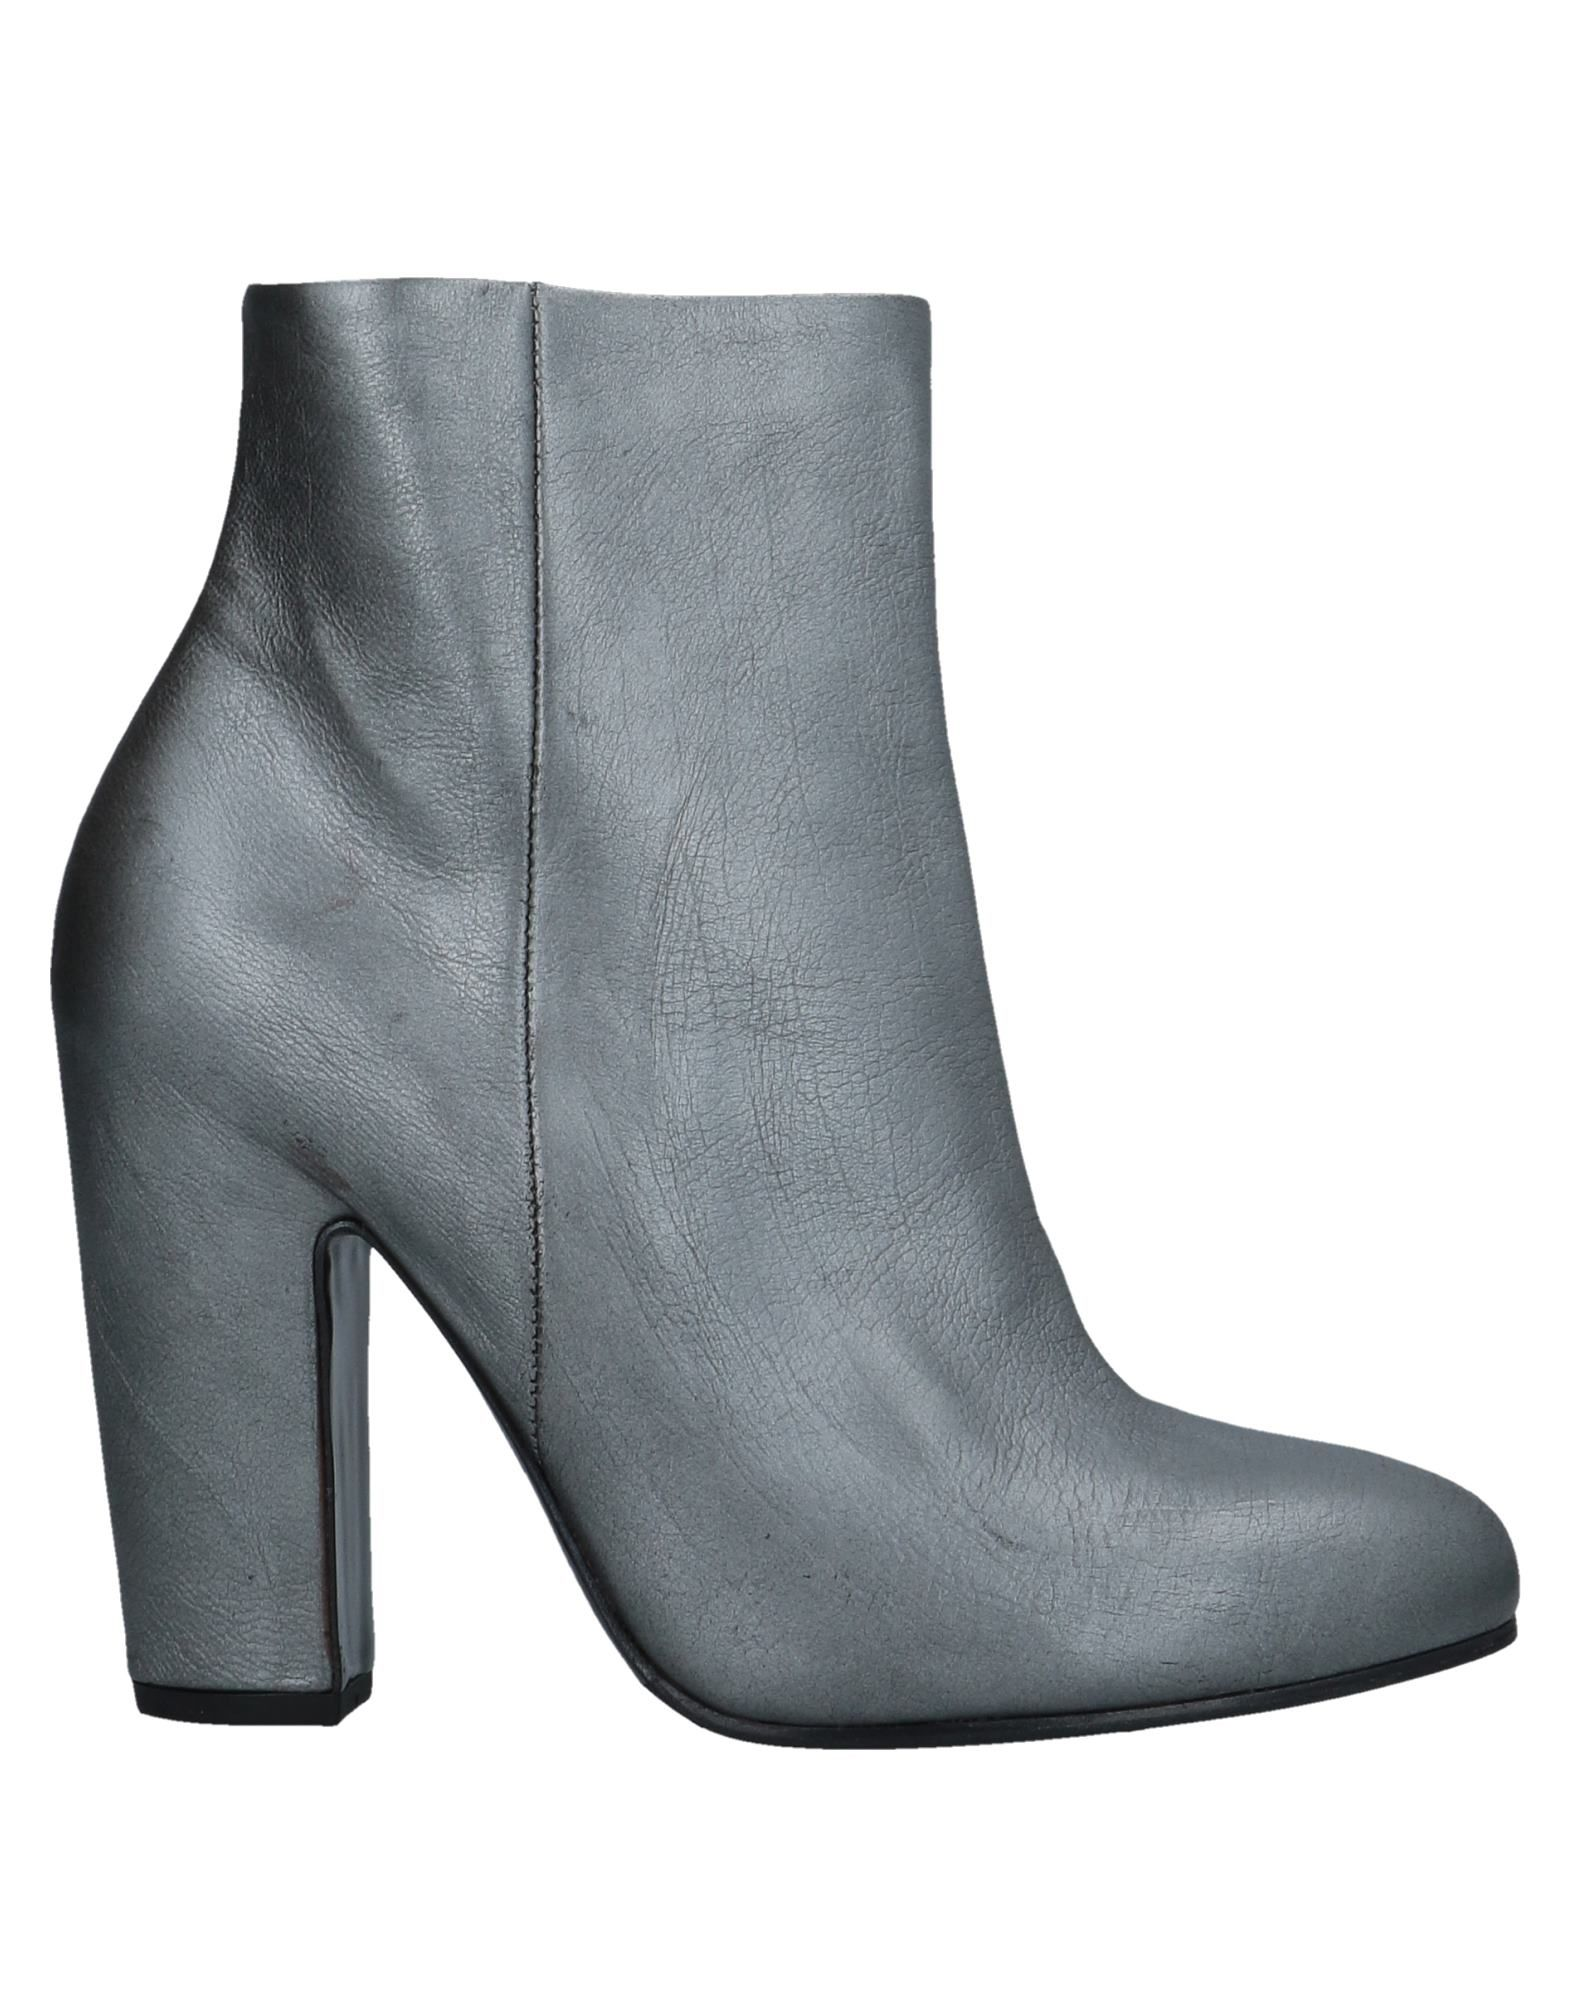 Stilvolle billige Schuhe Vic Matiē 11527758TU Stiefelette Damen  11527758TU Matiē 9411f6